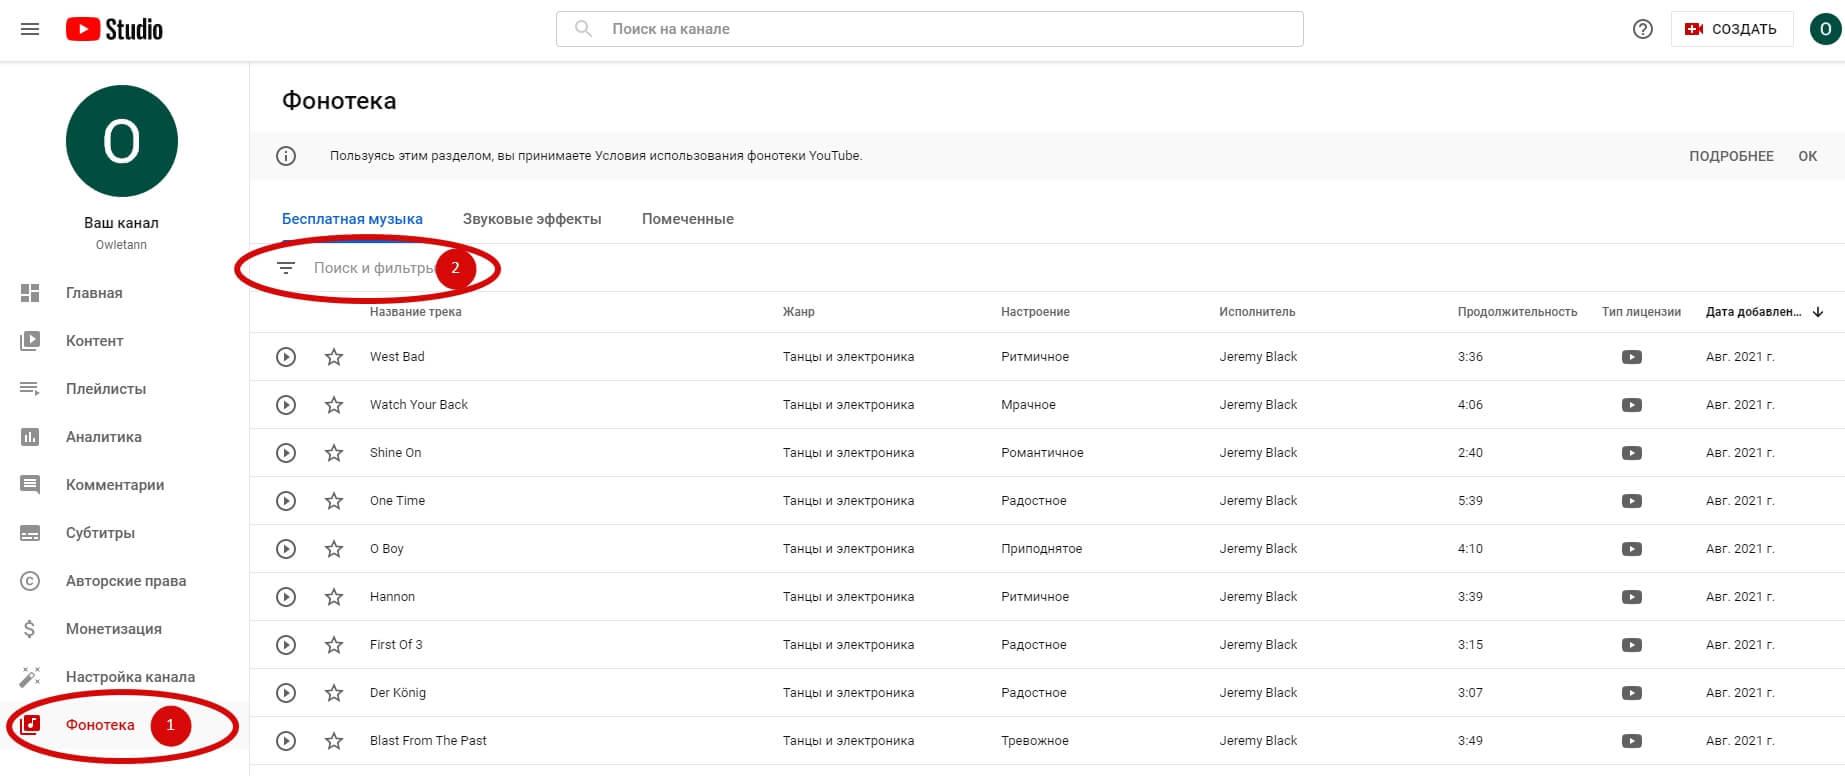 Заходите в фонотеку, затем в разделе «Поиск и фильтры» выбирайте «Без авторских прав»